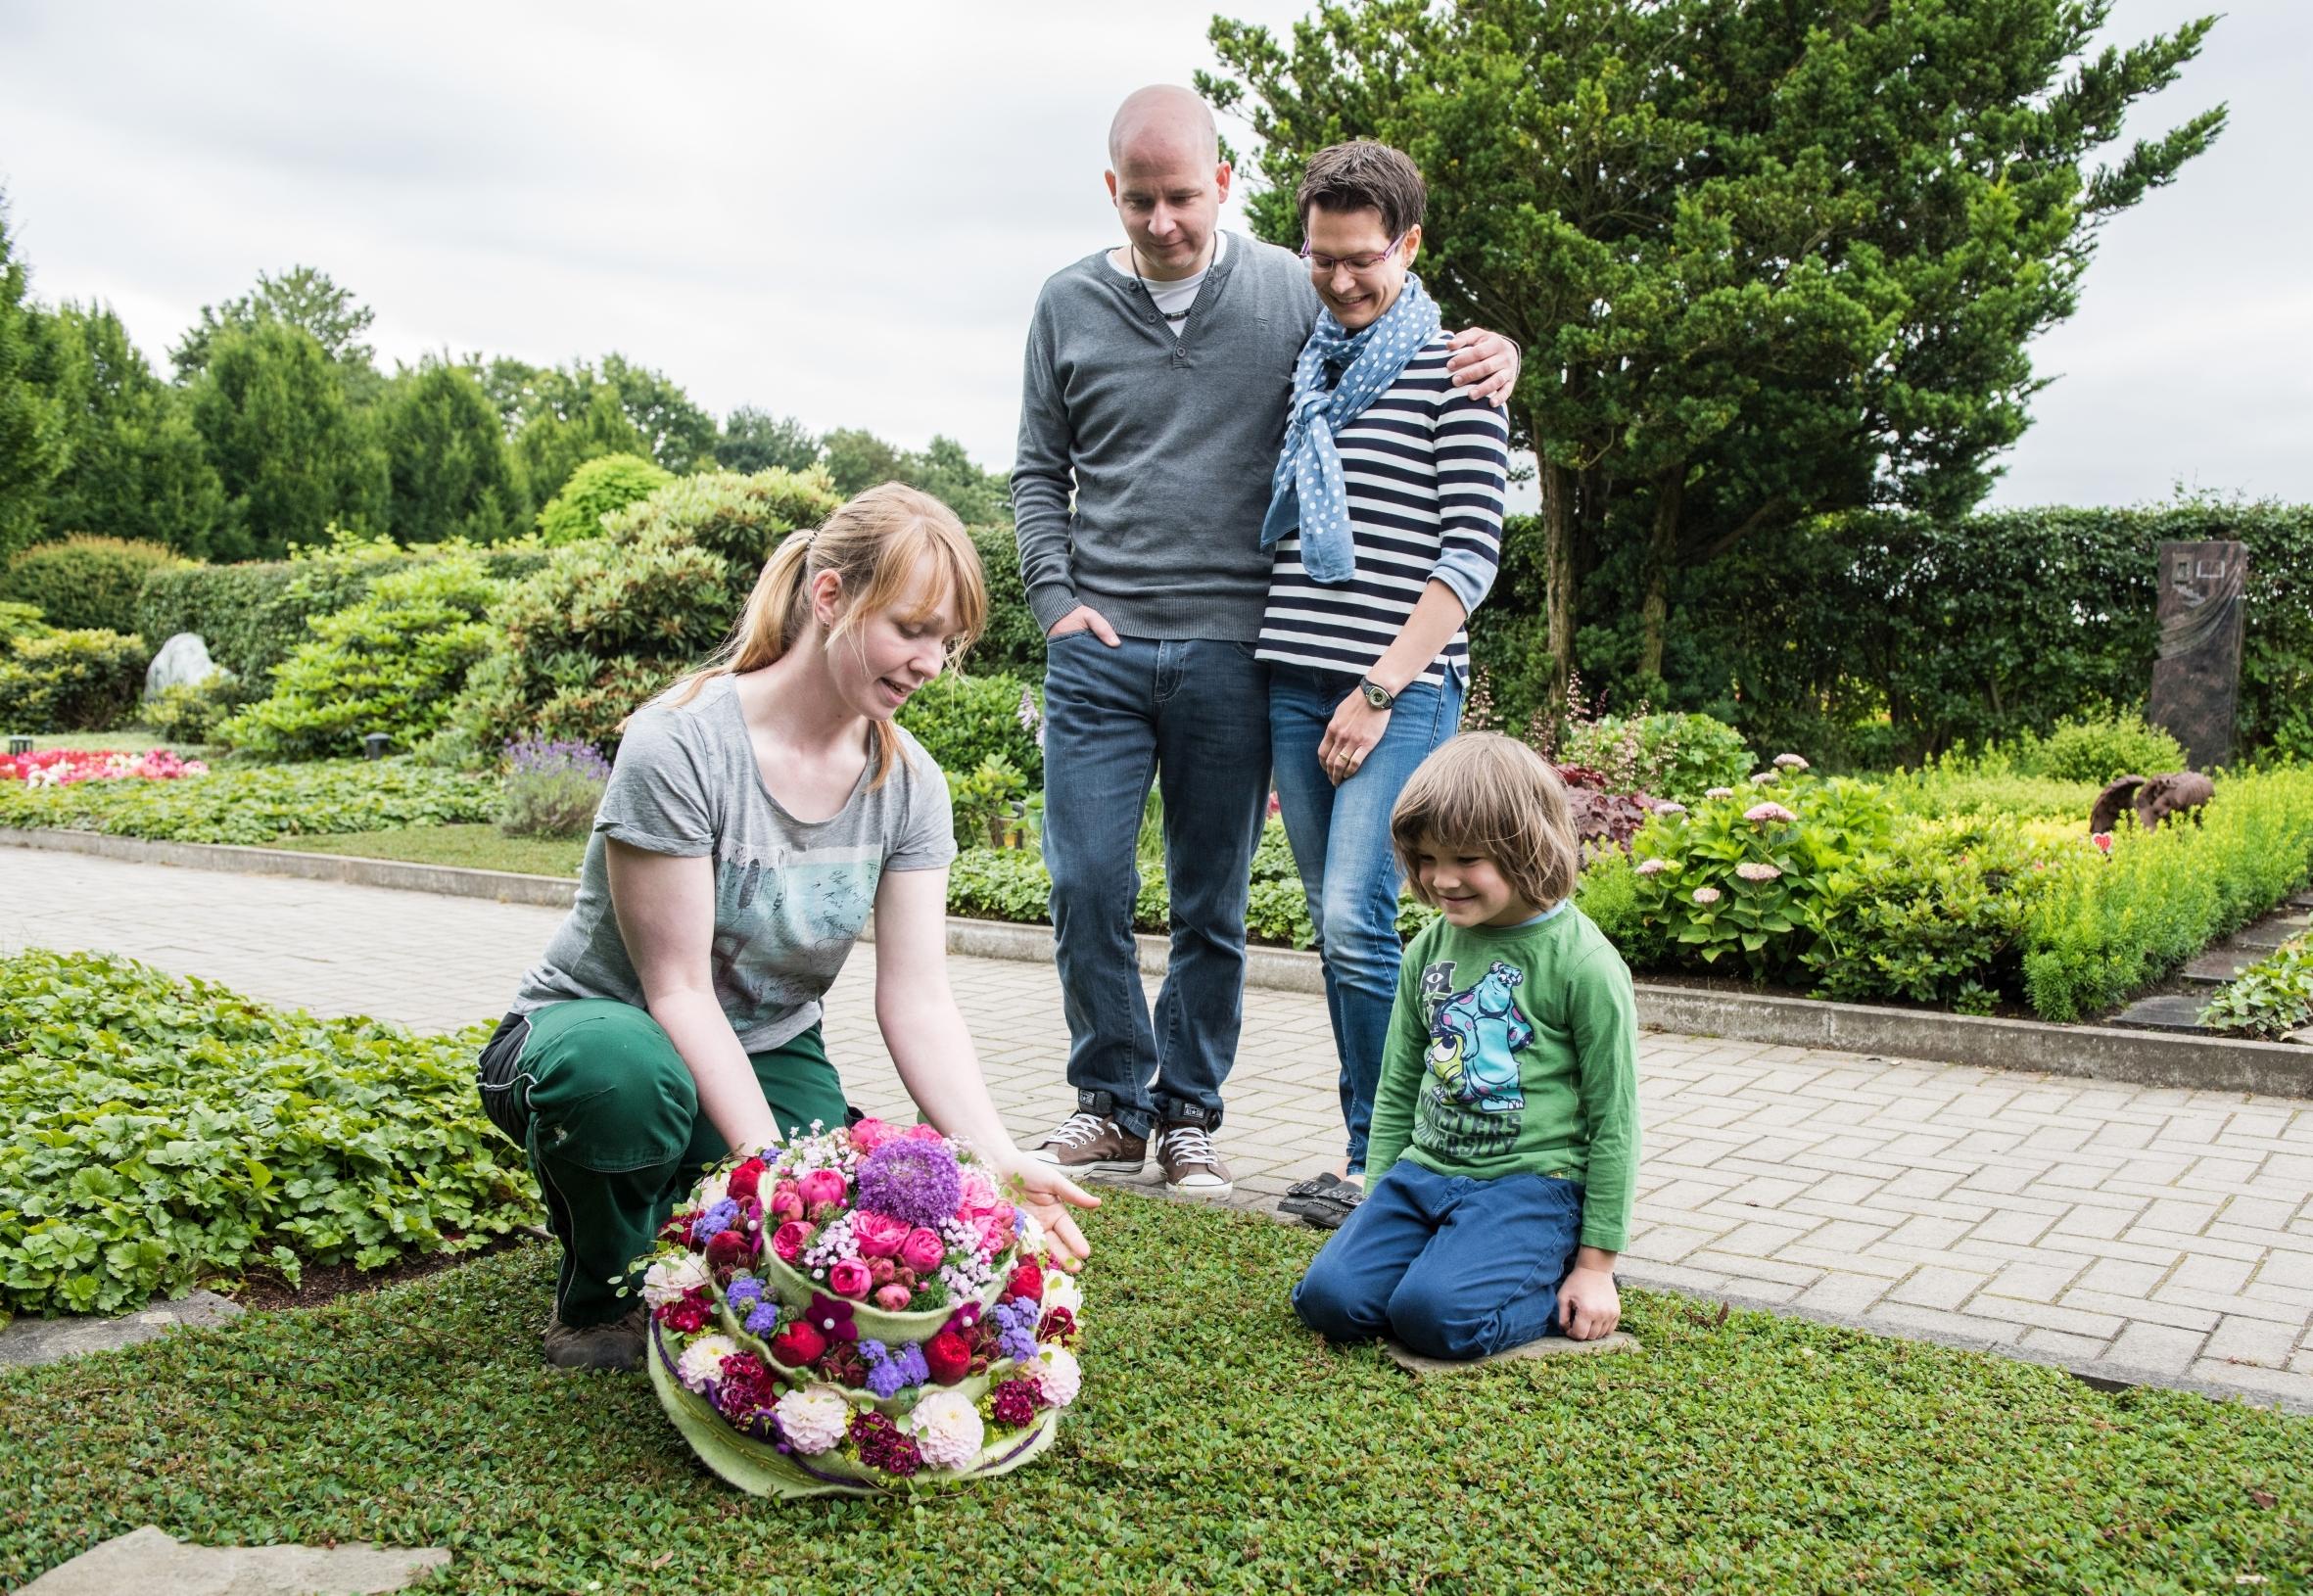 Die Erinnerung gestalten: Friedhofsgärtner sind gefragte Spezialisten